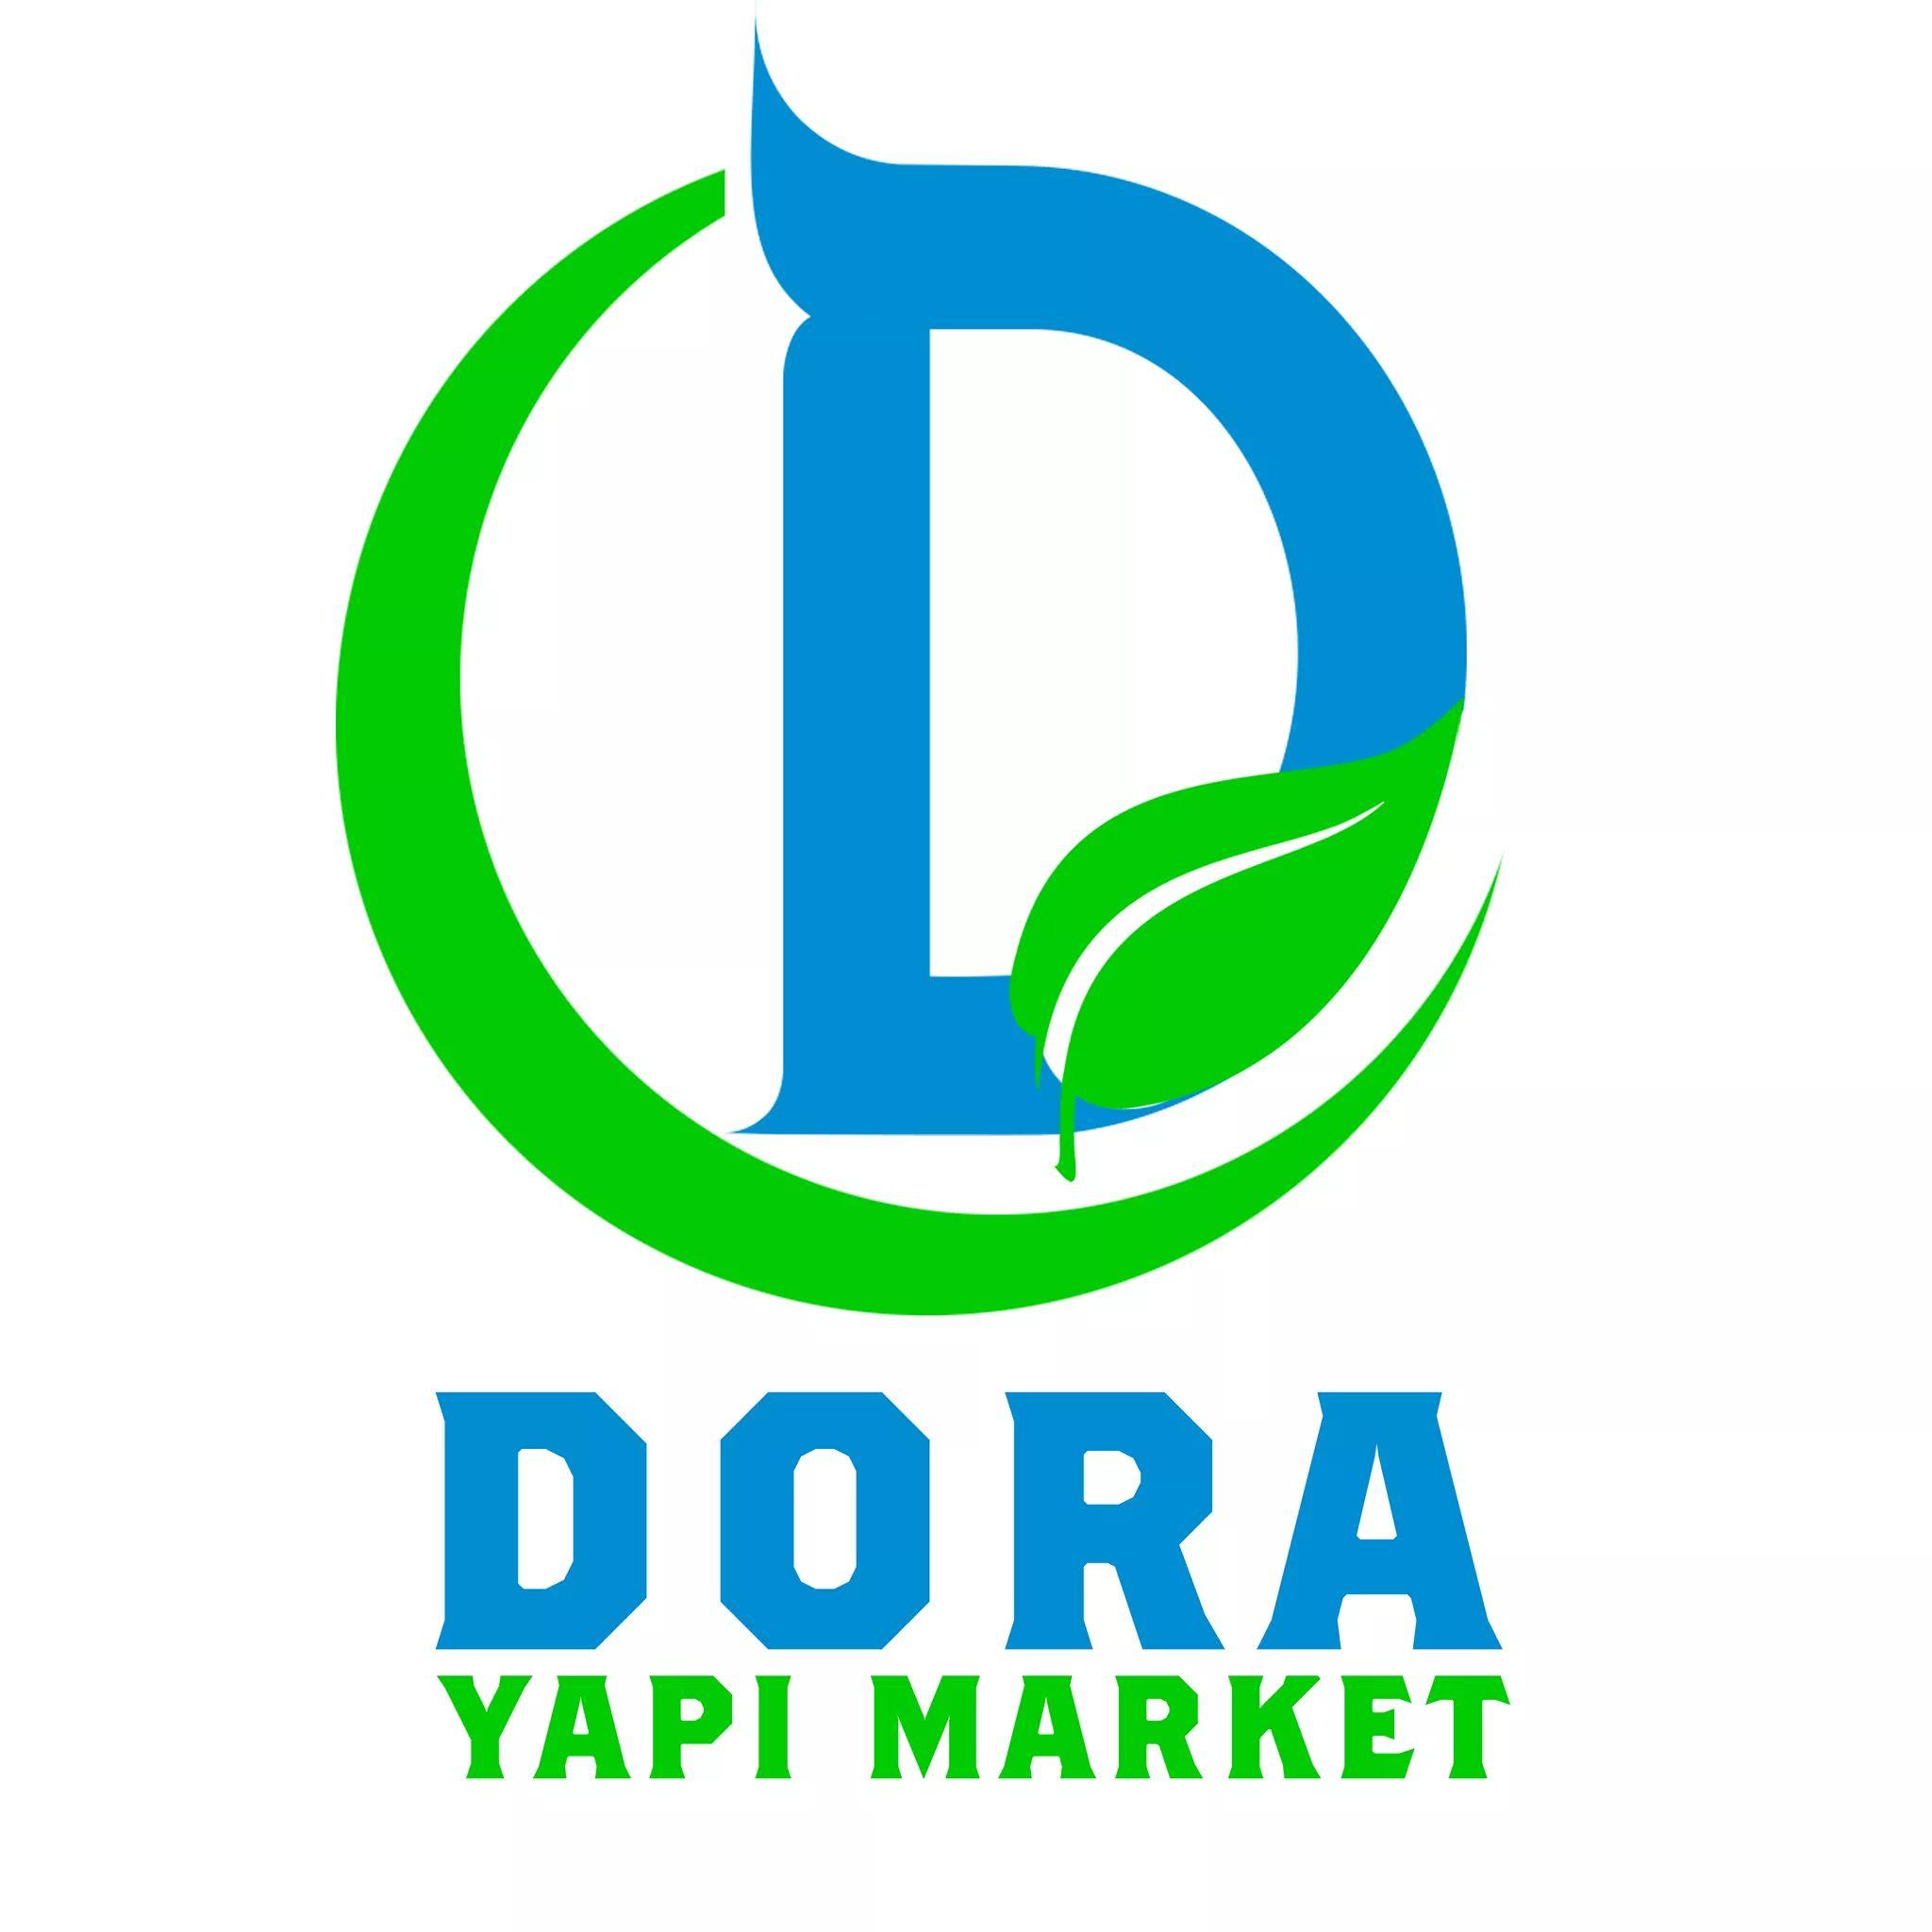 DORA YAPI MARKET